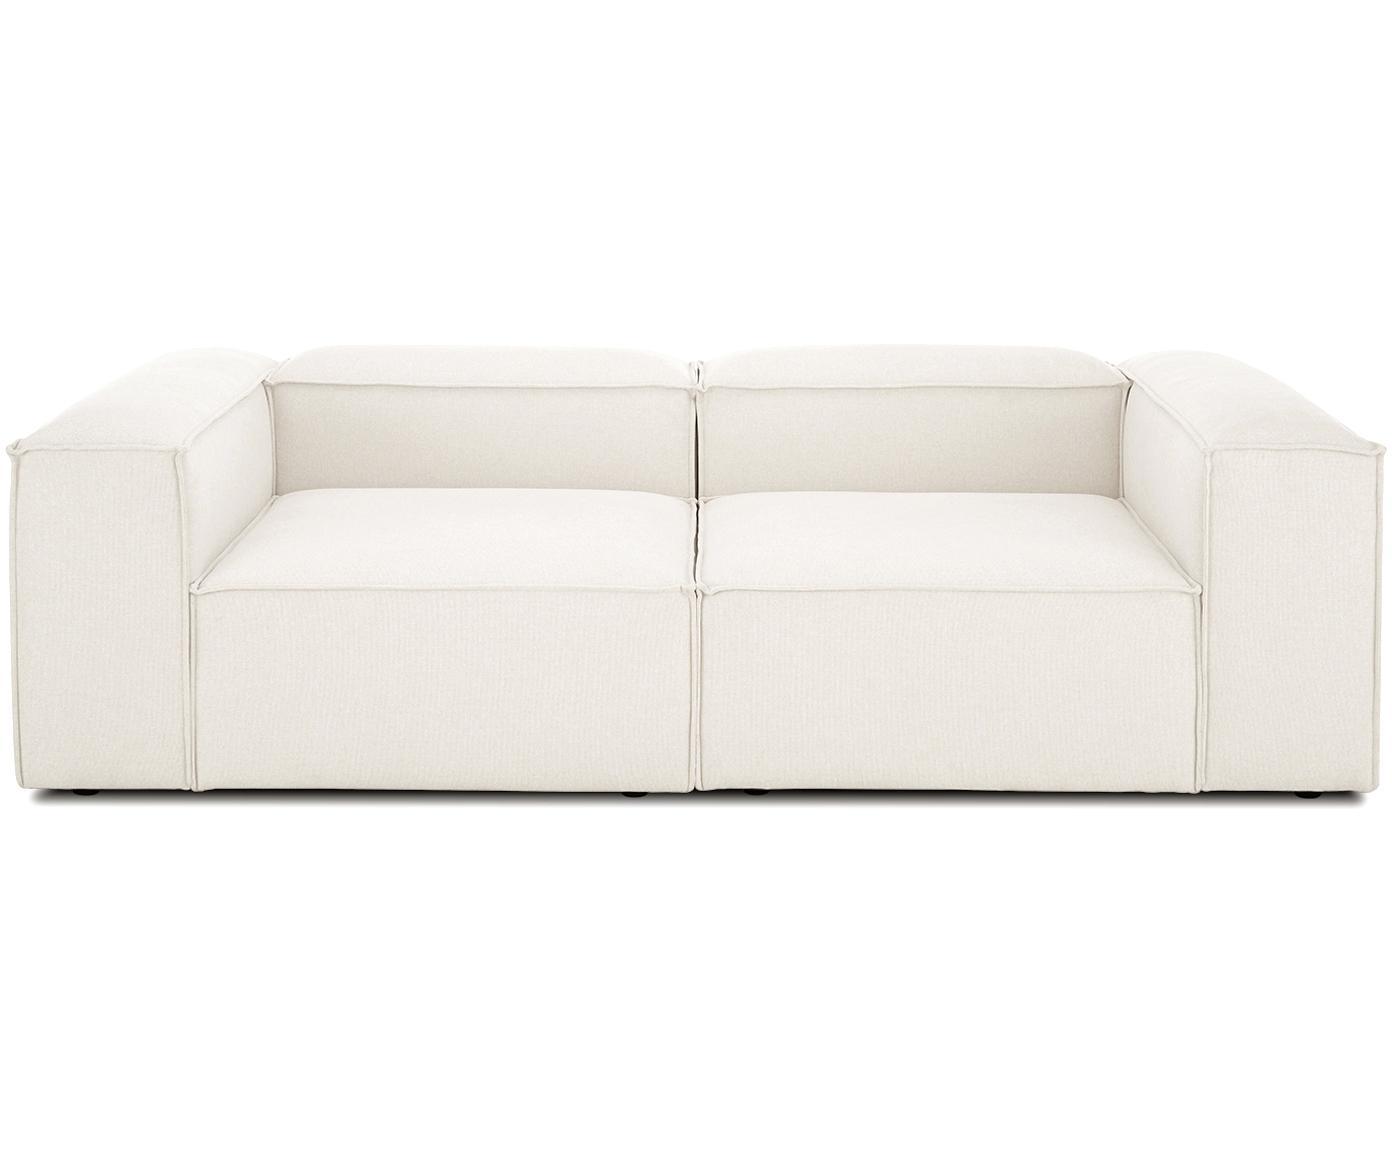 Sofá modular Lennon (3plazas), Tapizado: 60%poliéster, 40%viscos, Estructura: madera de pino maciza, ag, Patas: plástico, Tejido beige, An 242 x F 121 cm